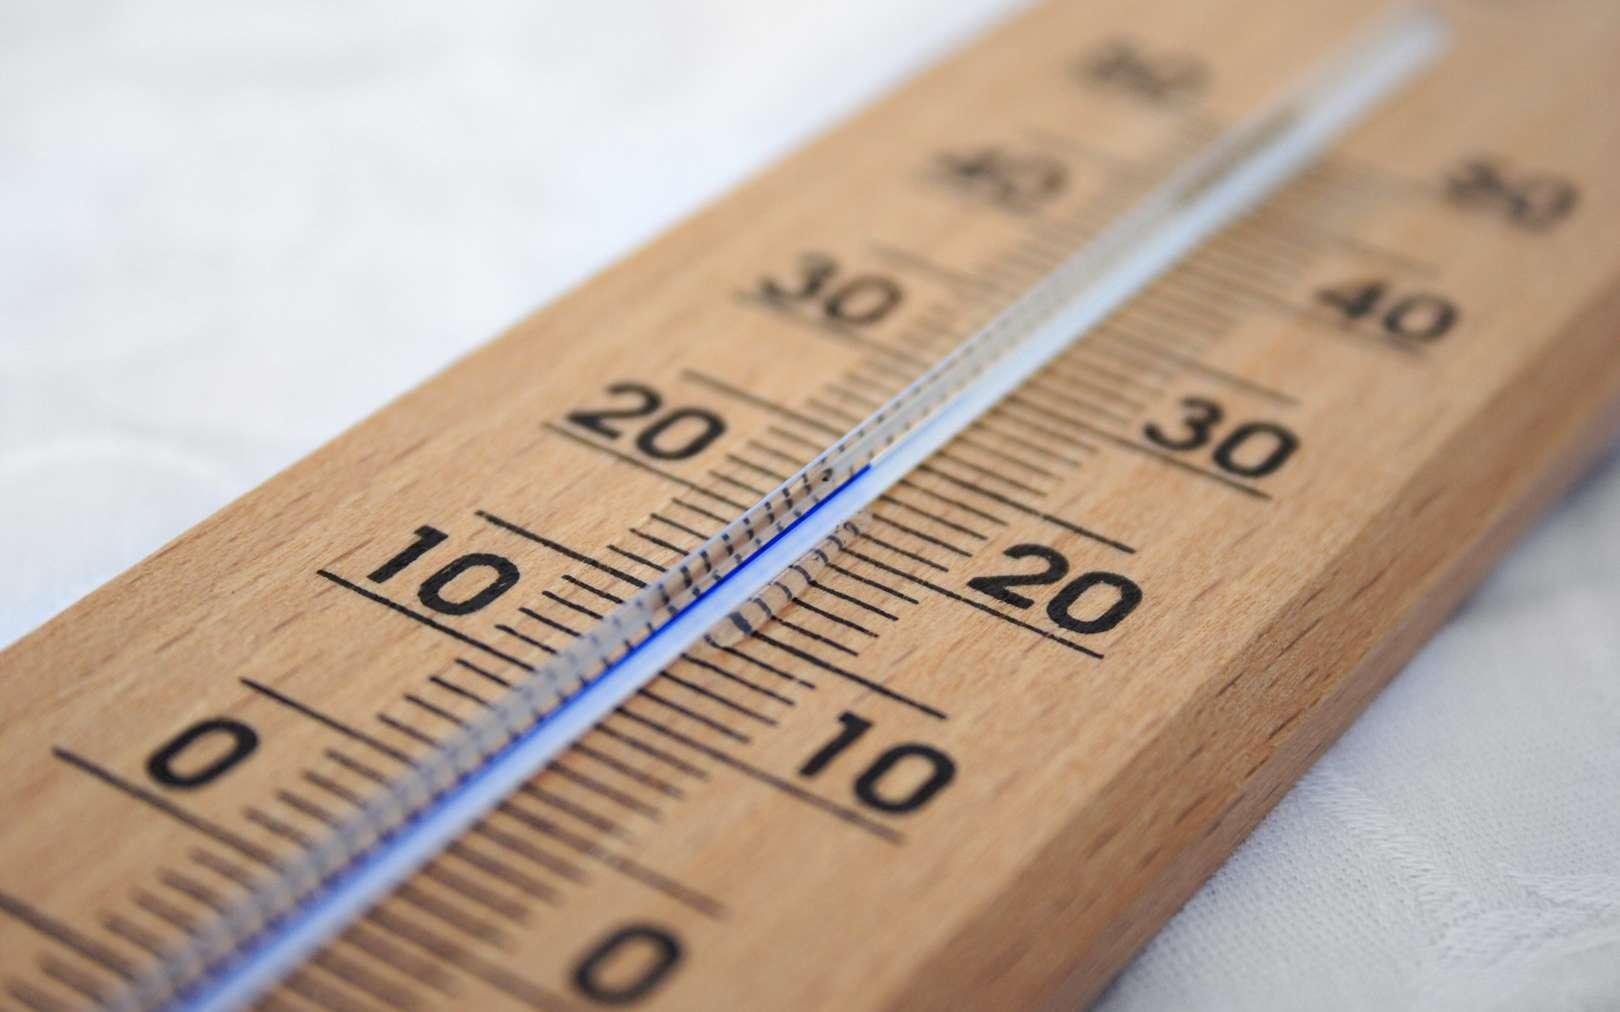 En piochant dans les sources d'énergie renouvelables inédites que sont les changements de température de l'air ambiant, le « résonateur thermique » viendrait notamment compléter les technologies existantes. © PxHere